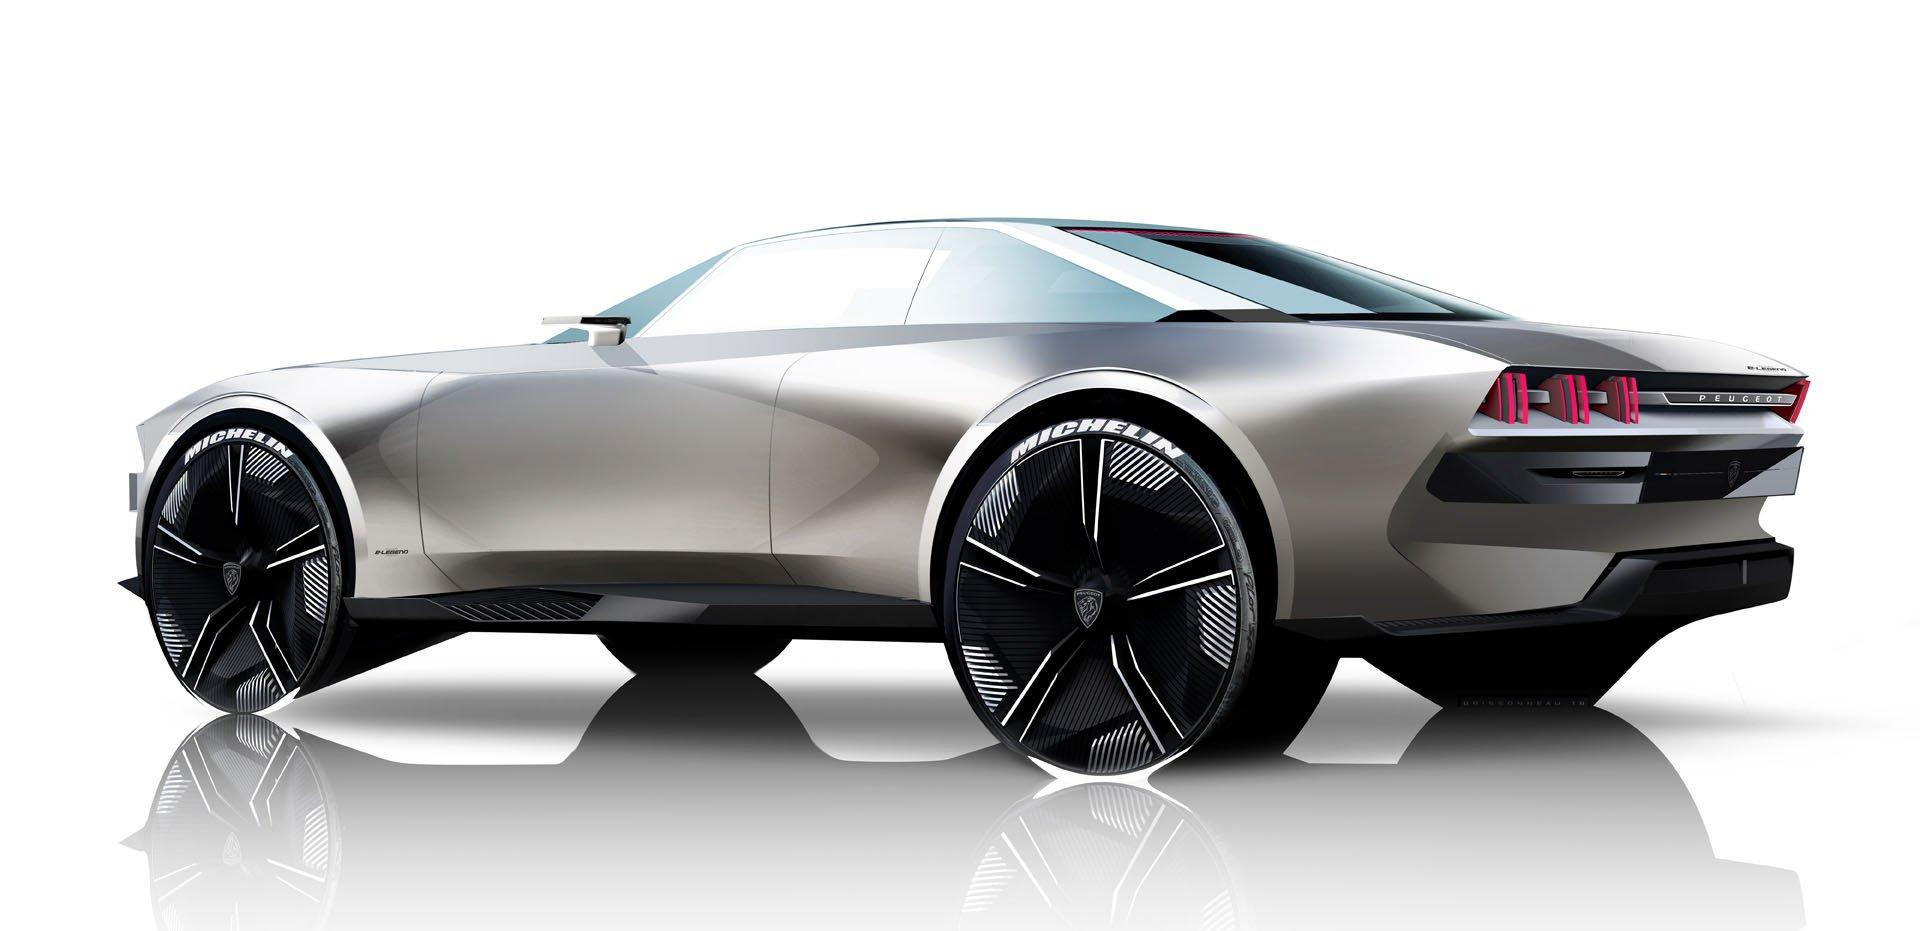 2018 Peugeot E Legend Concepts